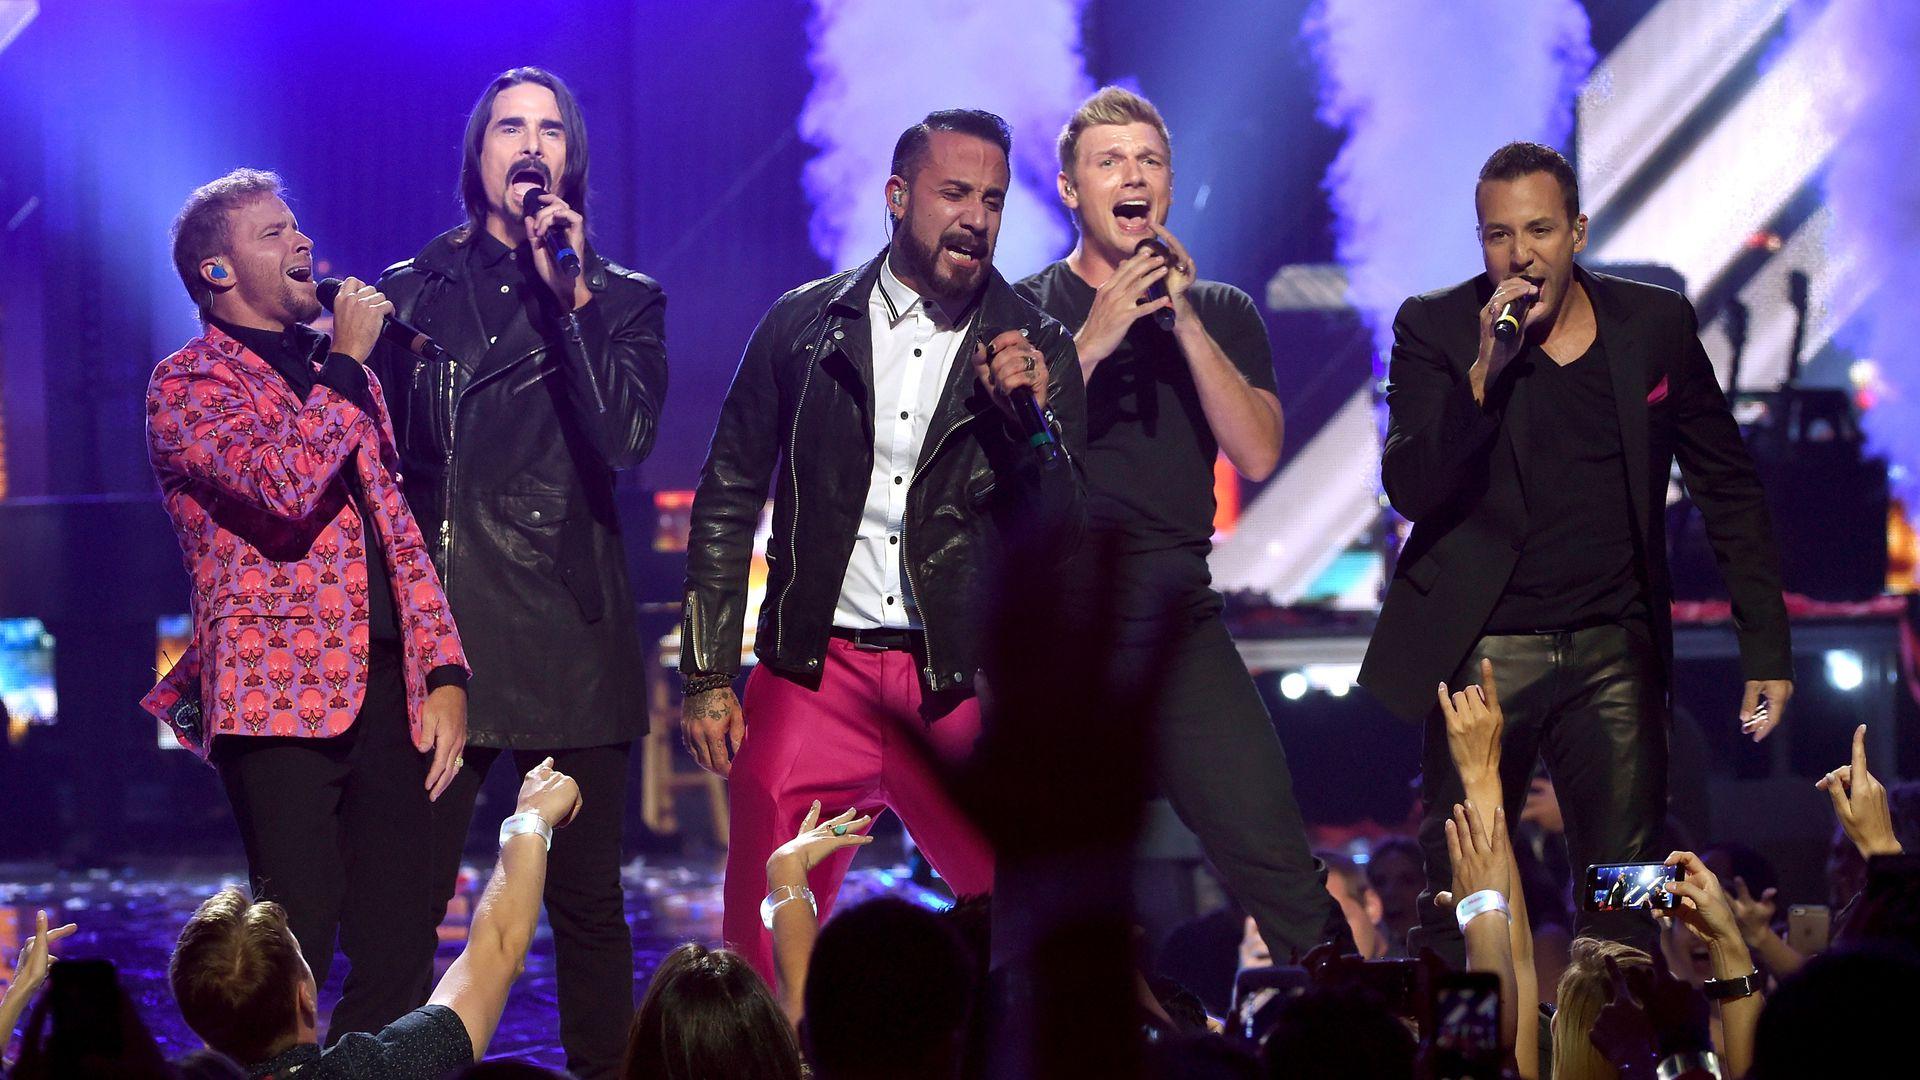 I Backstreet Boys spesso abbreviati con la sigla BSB sono un gruppo musicale statunitense formato a Orlando Florida nel 1993 composto da Nick Carter Howie